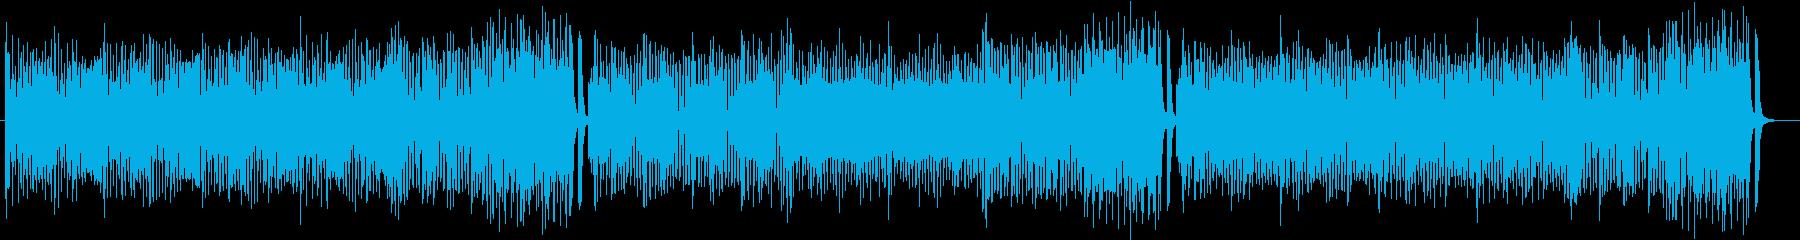 心弾む軽快なジャズナンバーの再生済みの波形